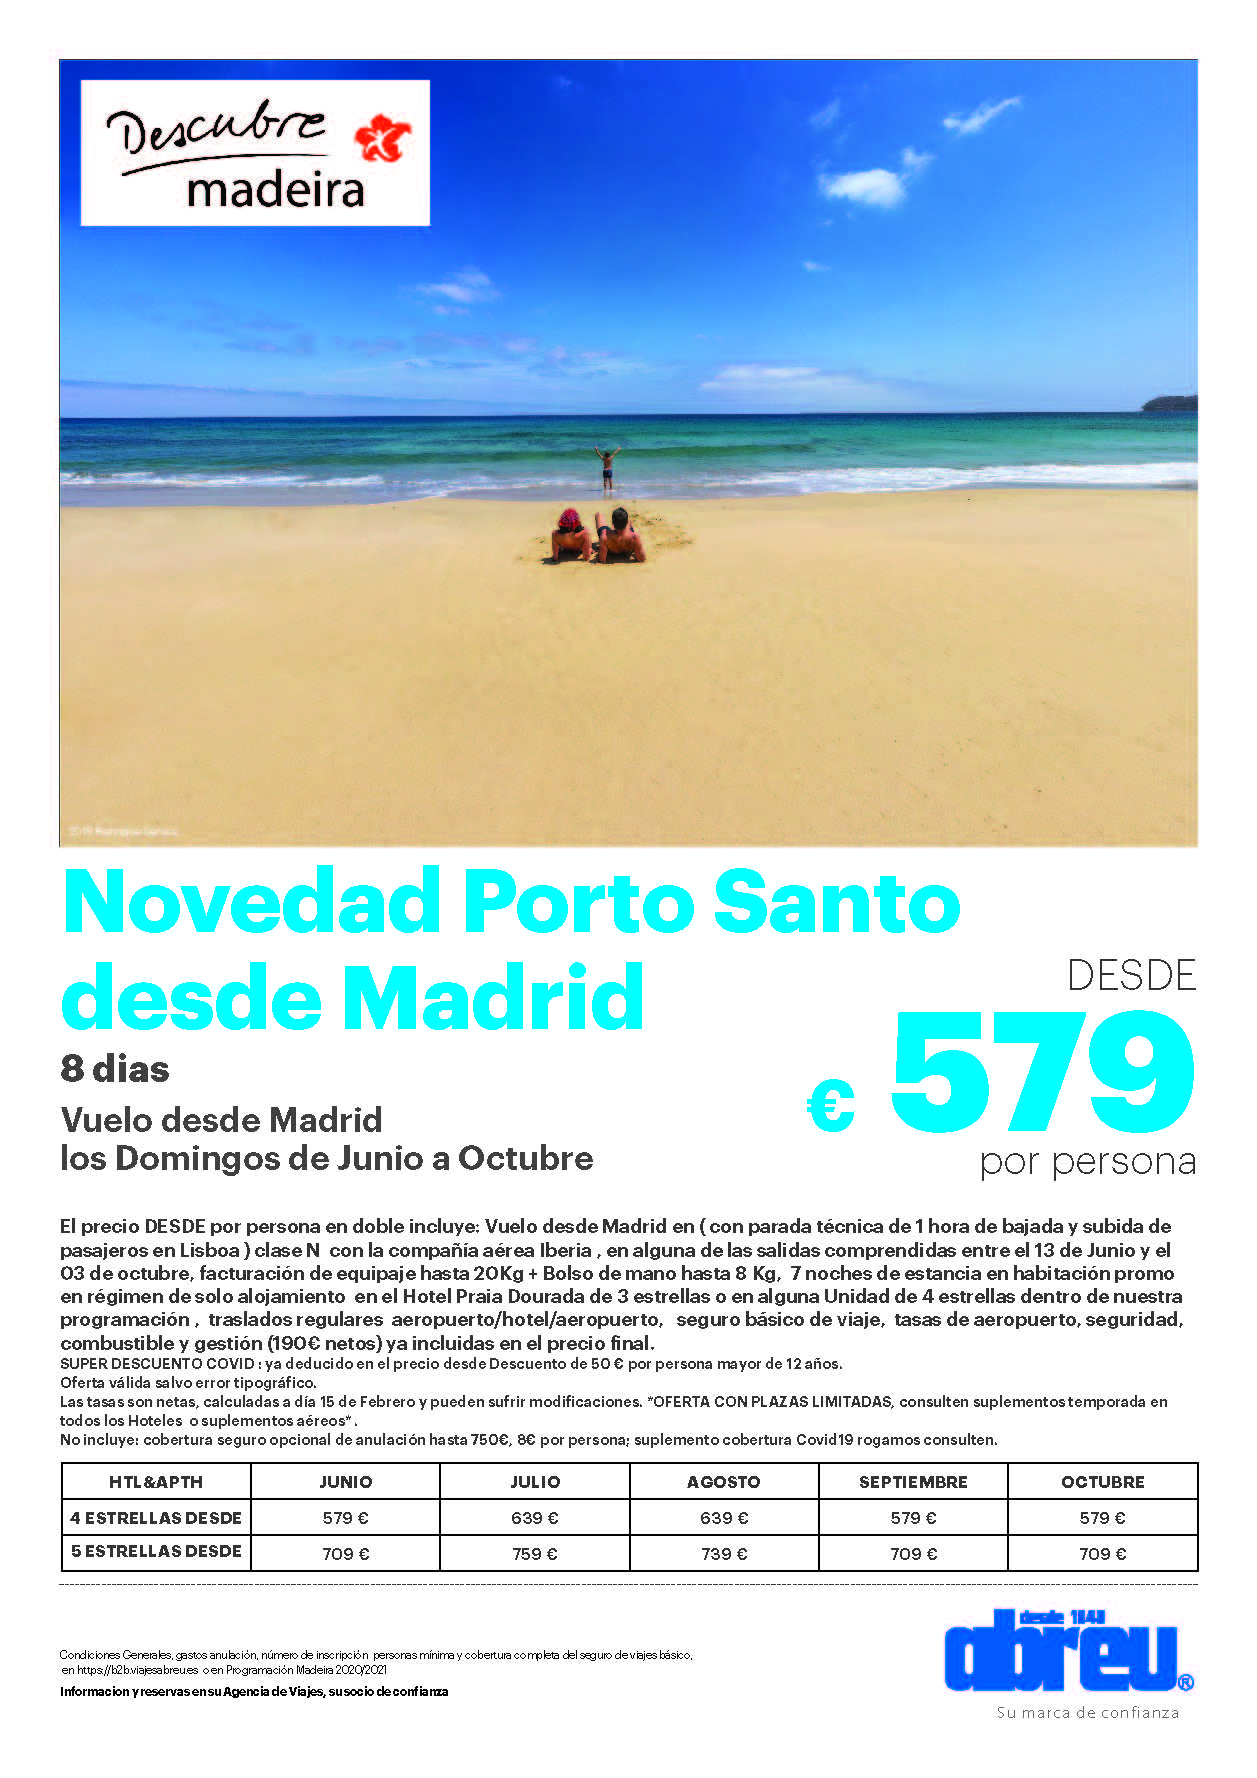 Oferta Abreu Madeira Porto Santo Agosto Septiembre Octubre 2021 salidas desde Madrid